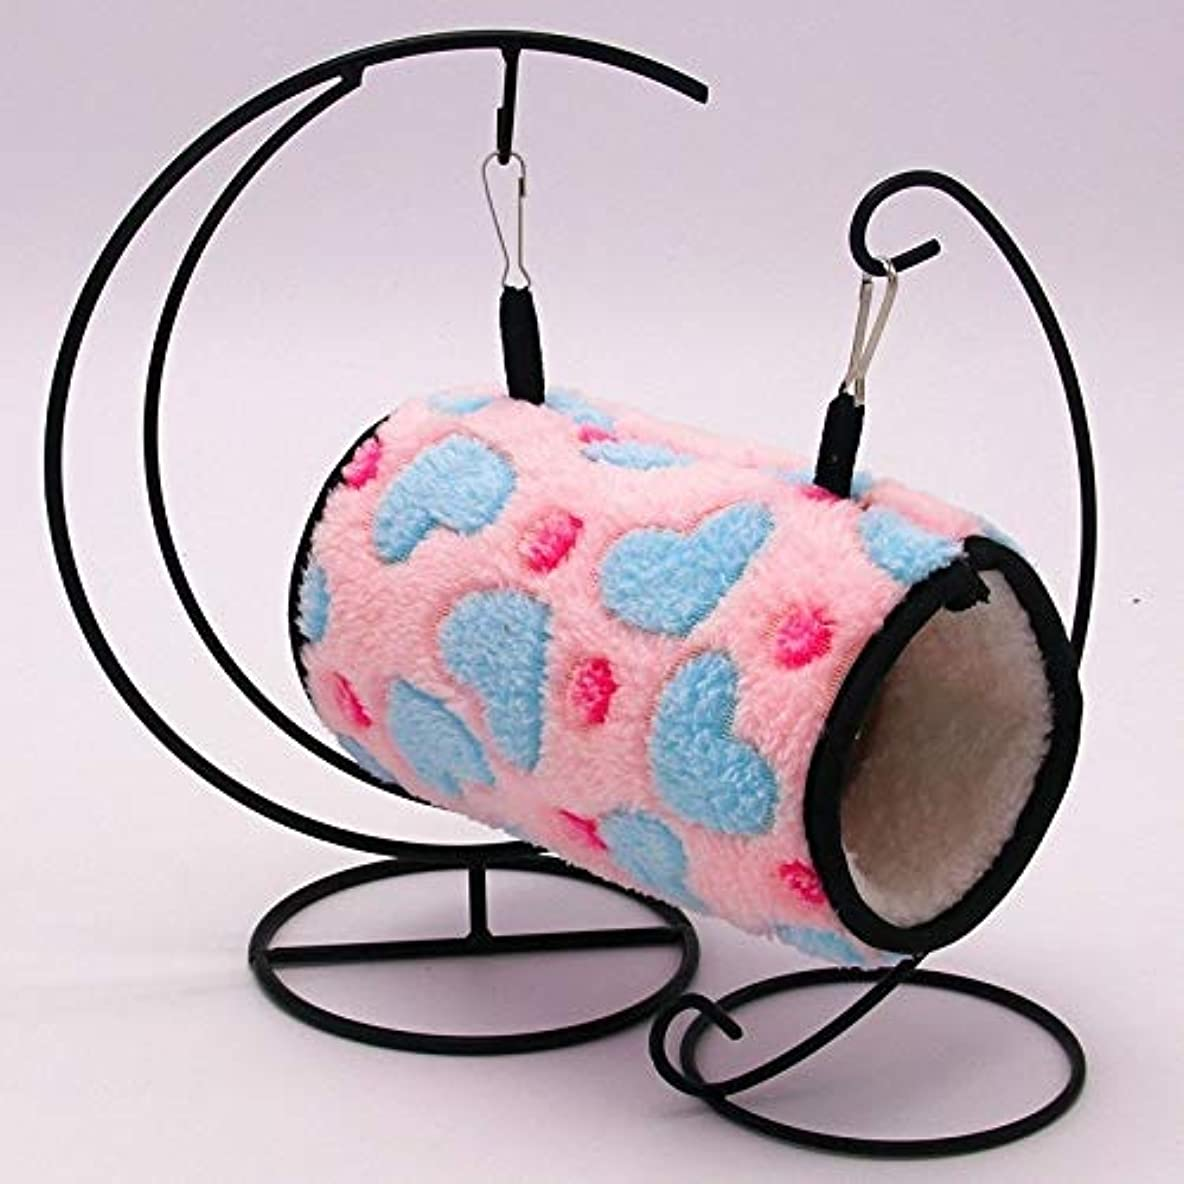 カリング能力会うKFAN猫と犬のペットベッド、 小さなペットのオウムハムスタートンネル巣厚く暖かい綿の巣 (色 : ピンク)